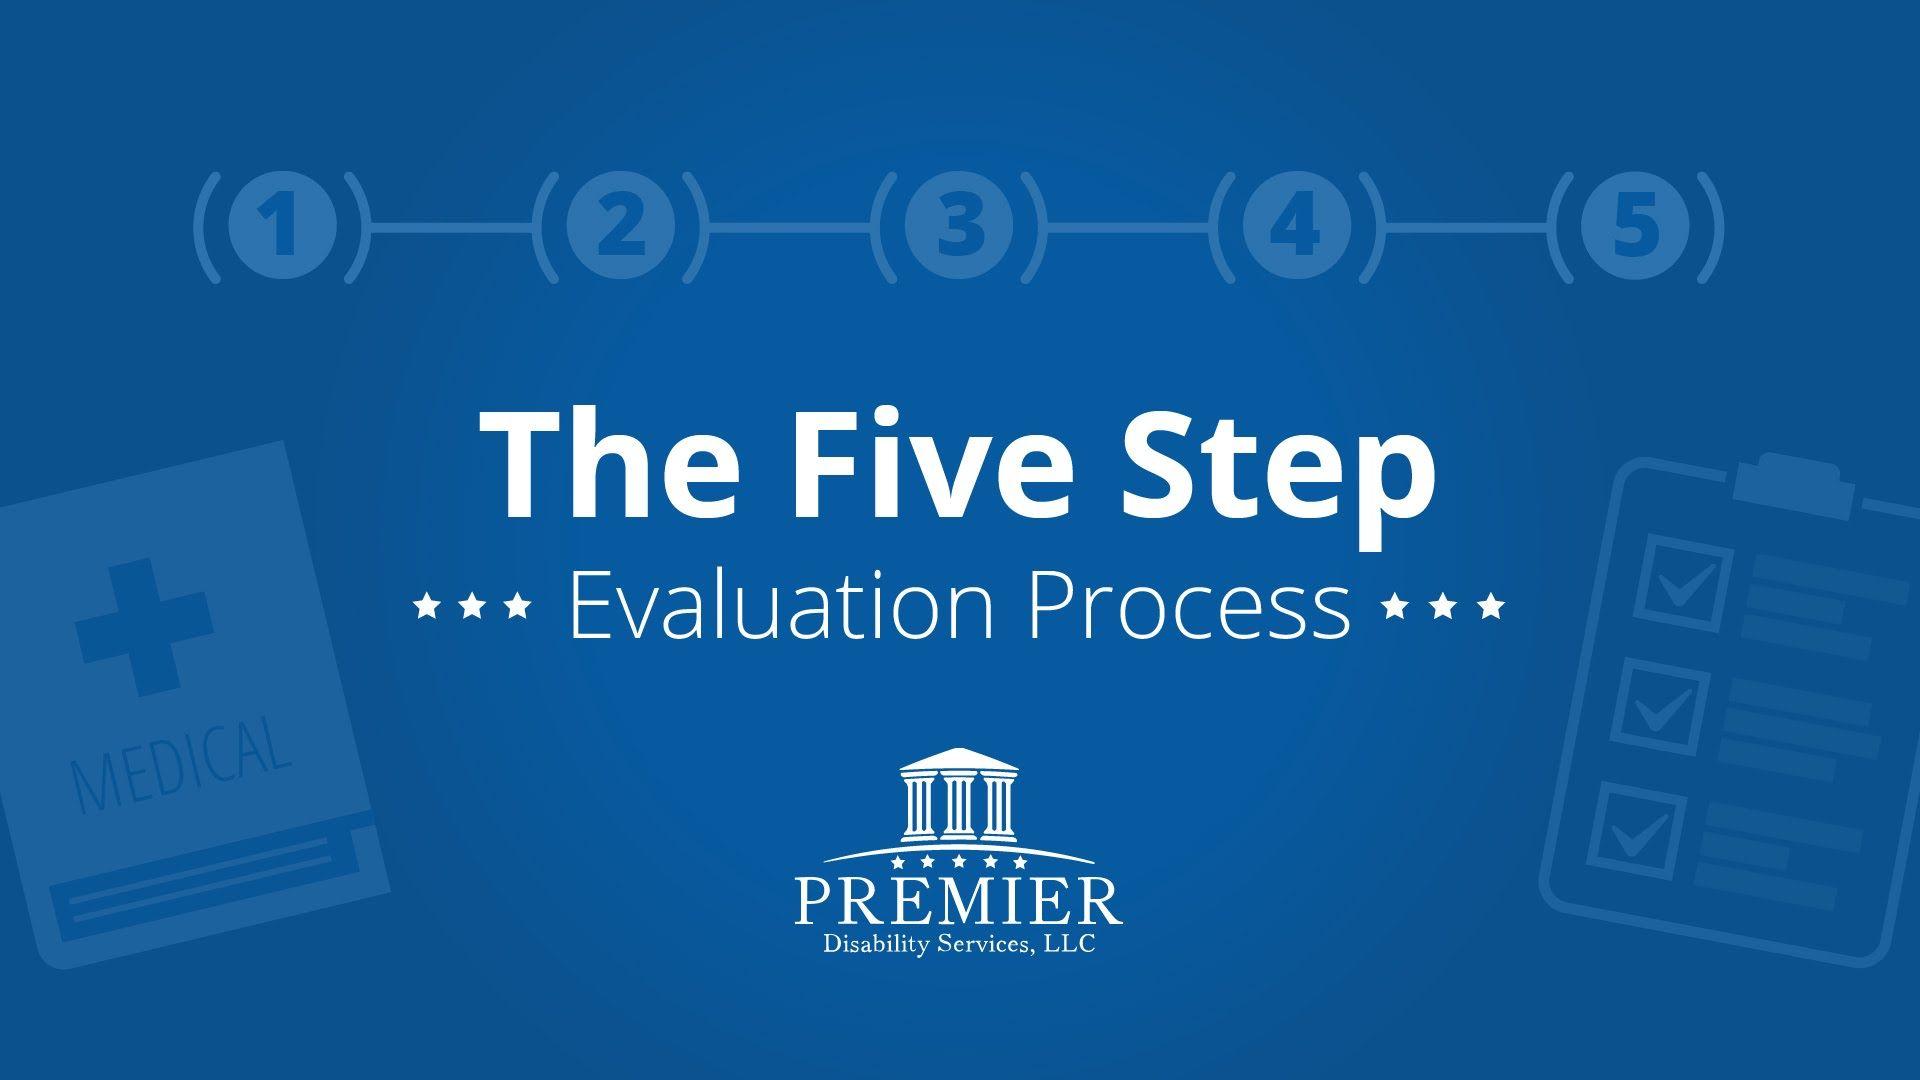 Premier Disability Services Five Step Evaluation Process